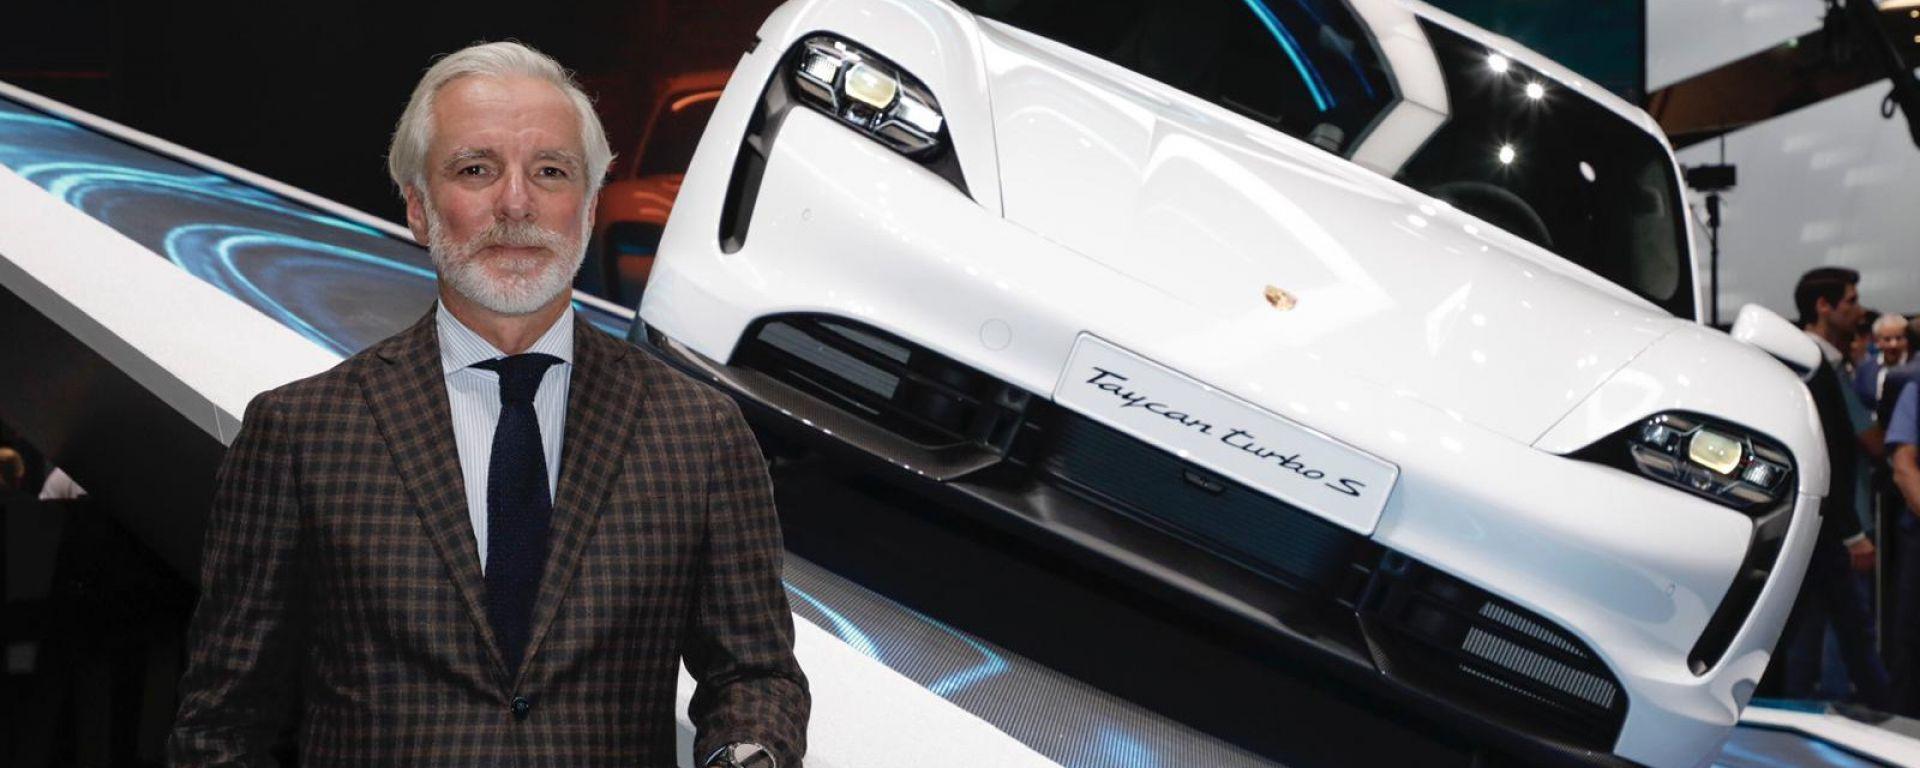 Salone di Francoforte 2019: le novità allo stand Porsche